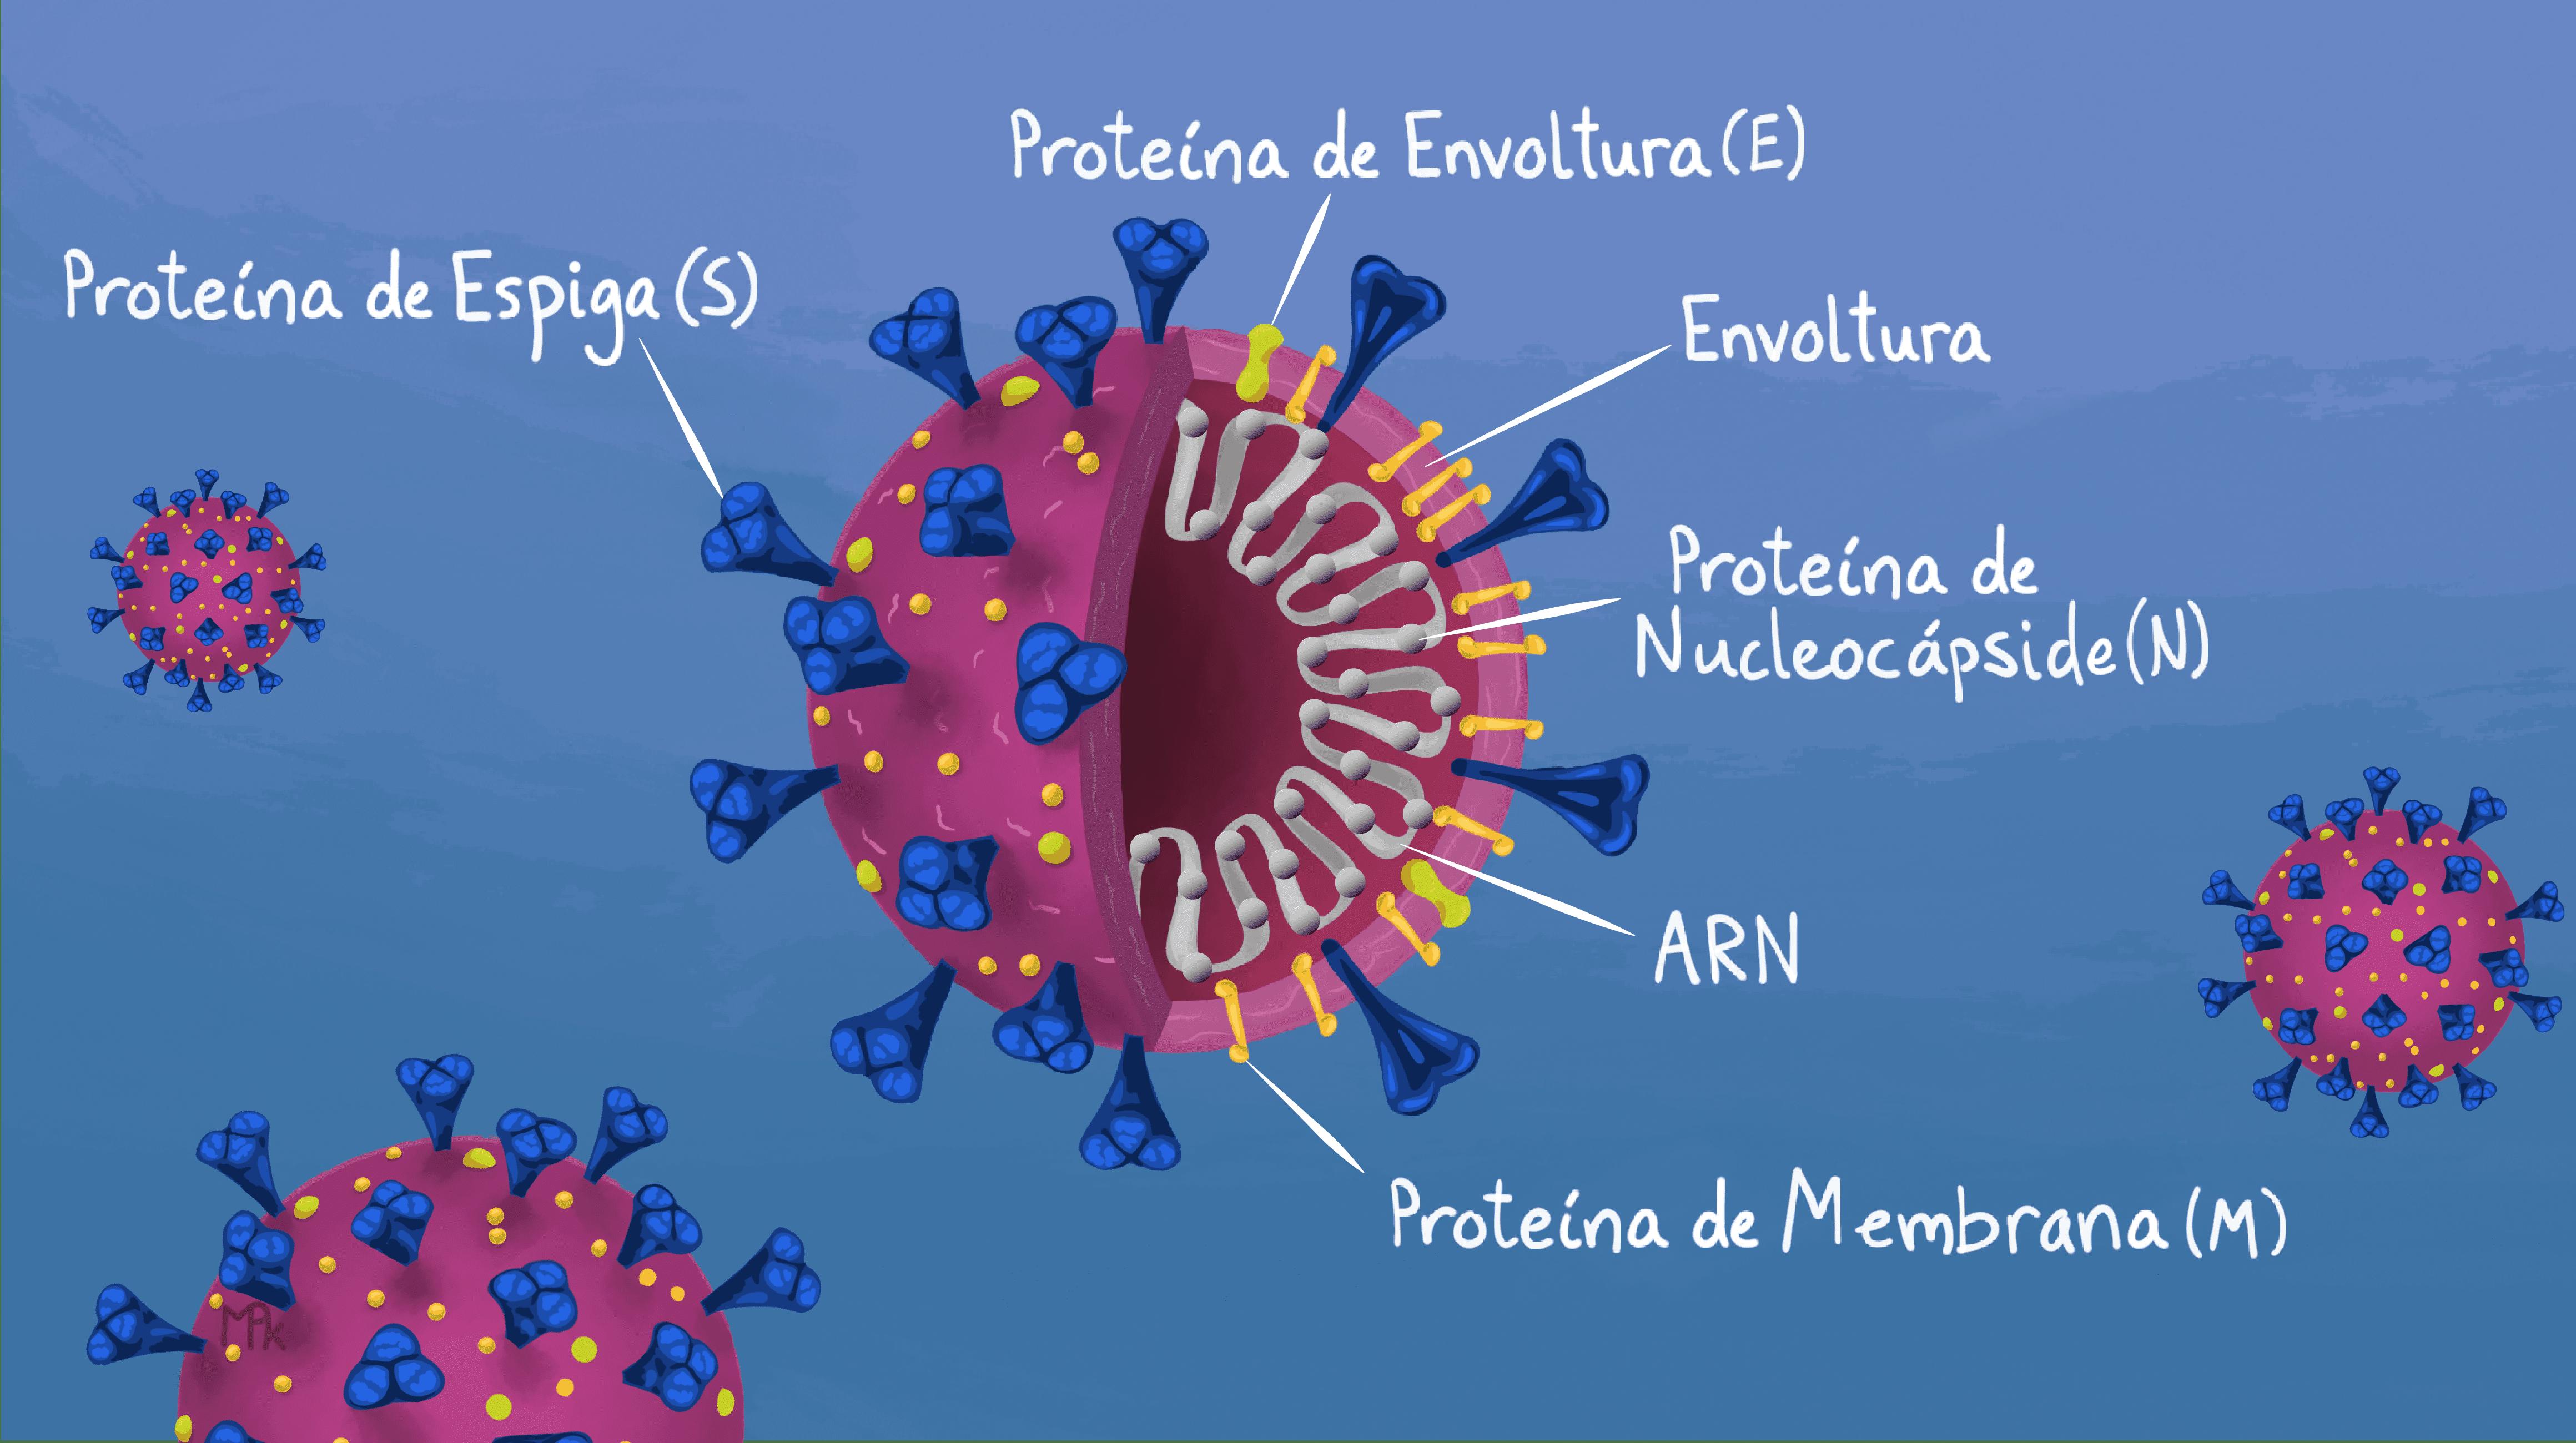 Ilustración gratuita de la anatomía del SARS-Cov-2